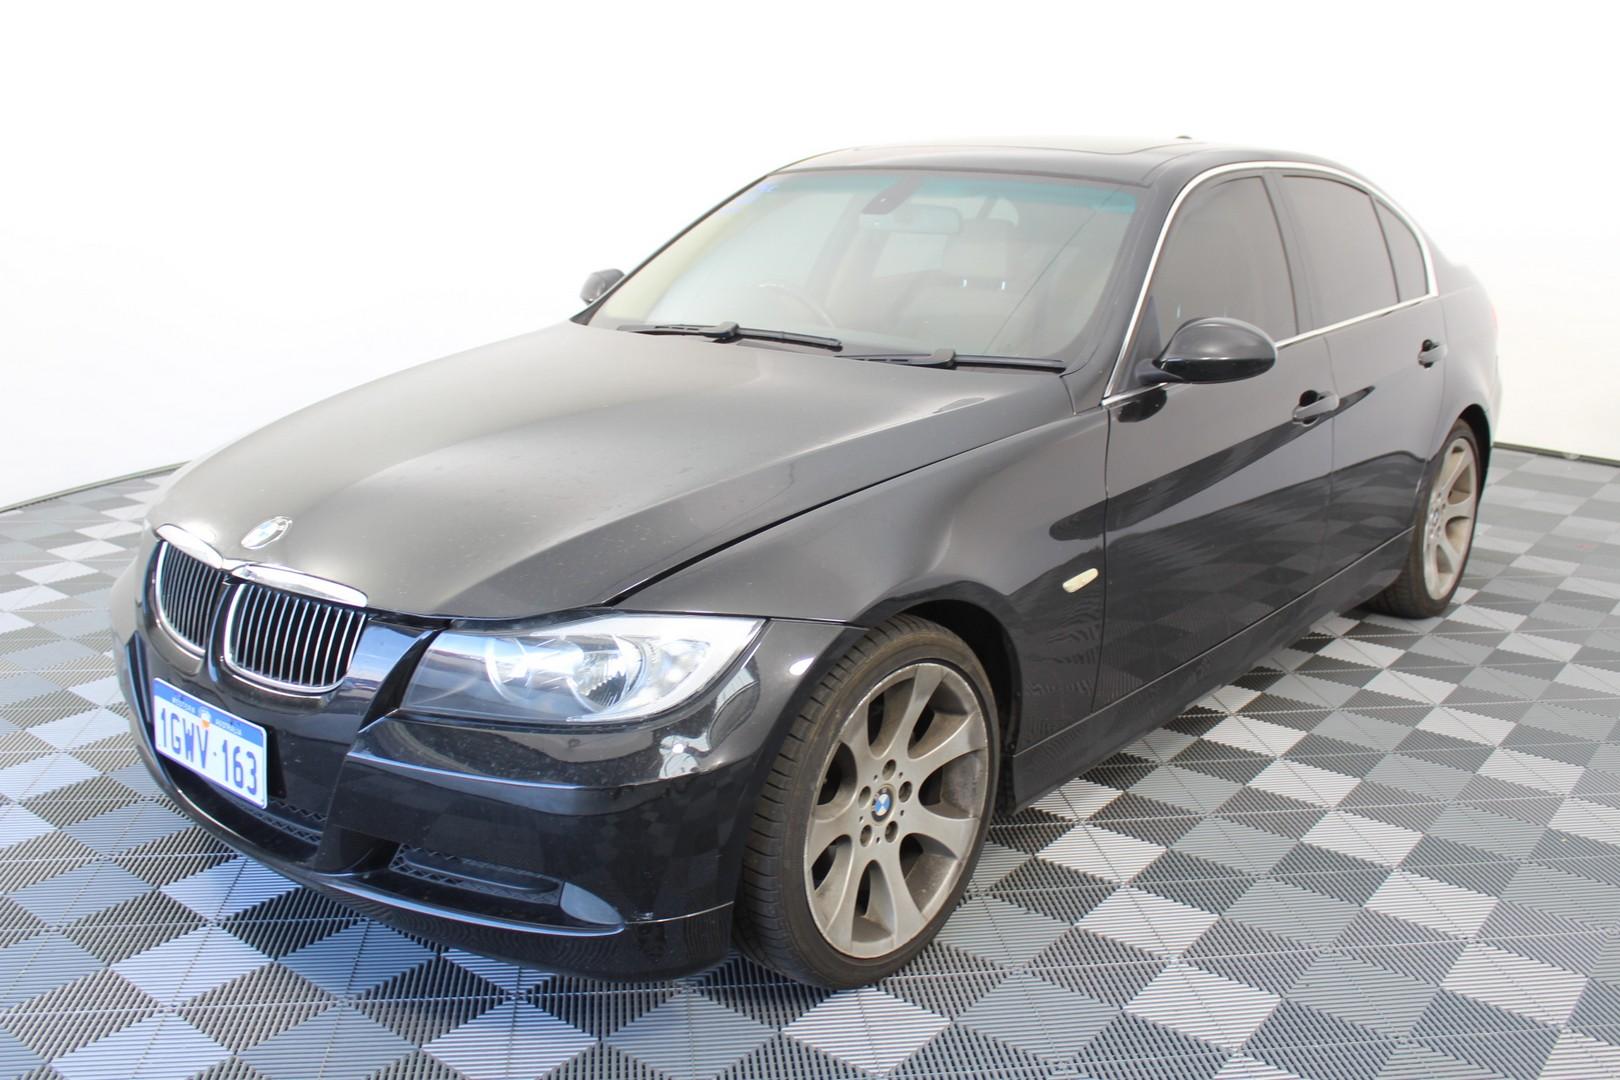 2007 BMW 323i E90 Automatic Sedan